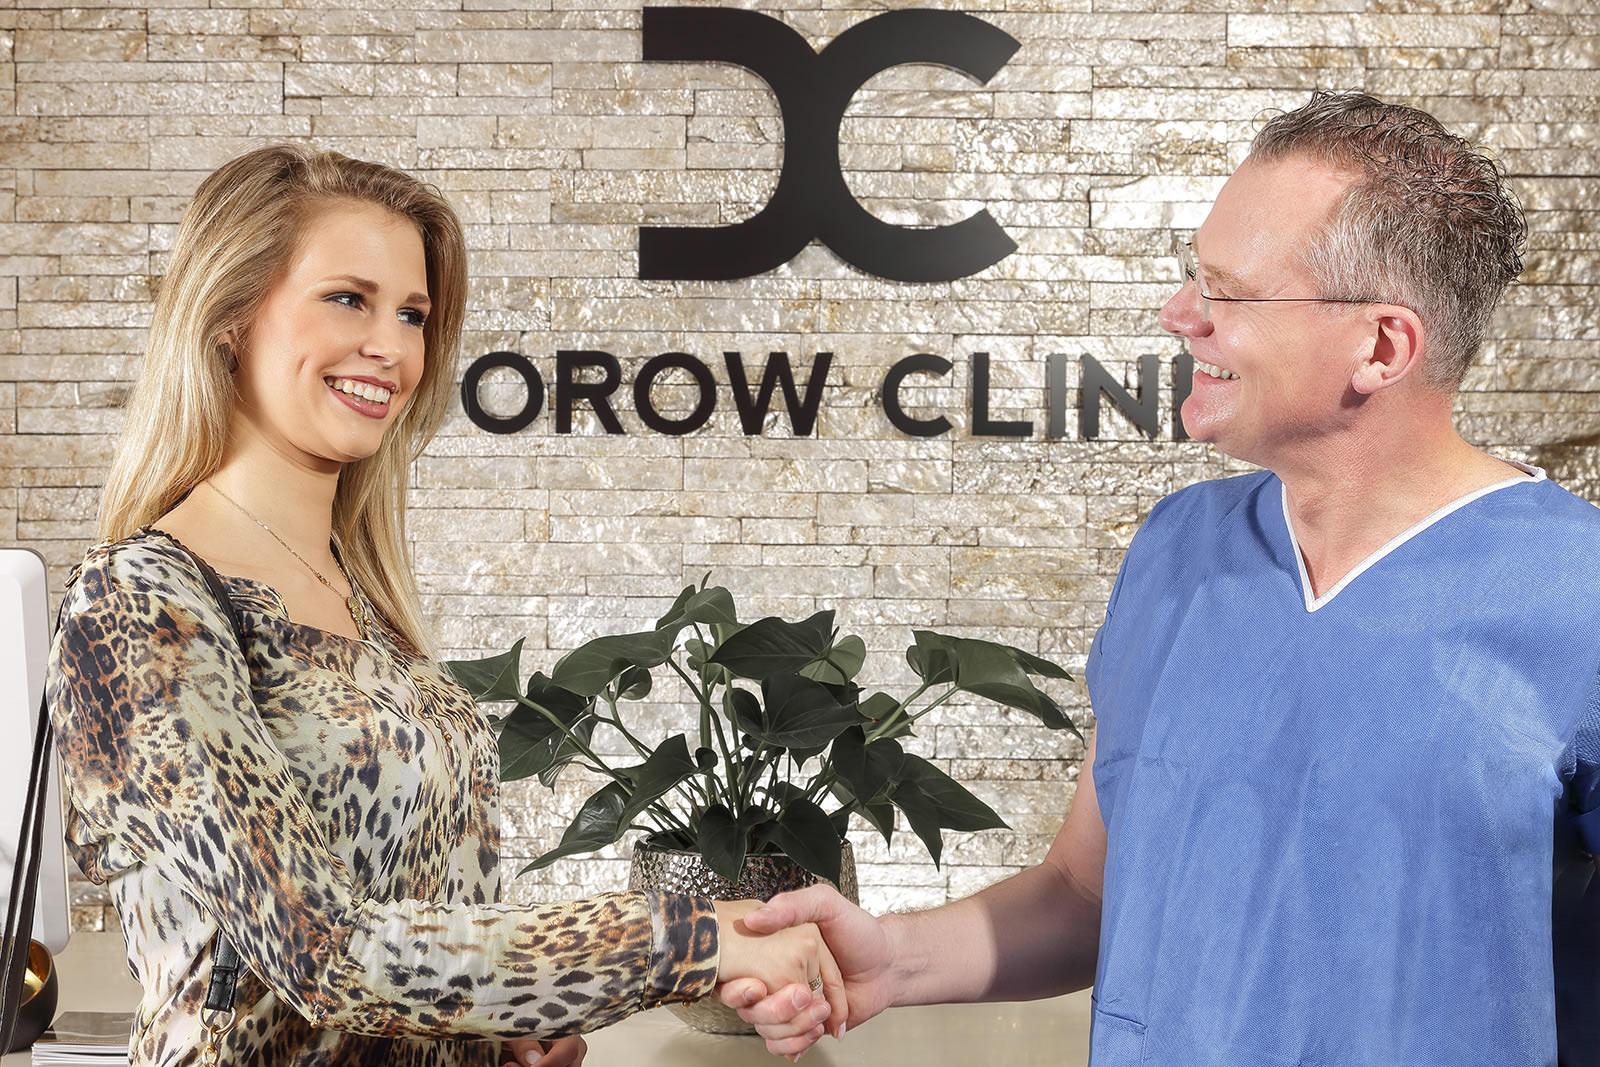 Die Dorow Clinic ist eine erstklassige Schönheitsklinik in Lörrach